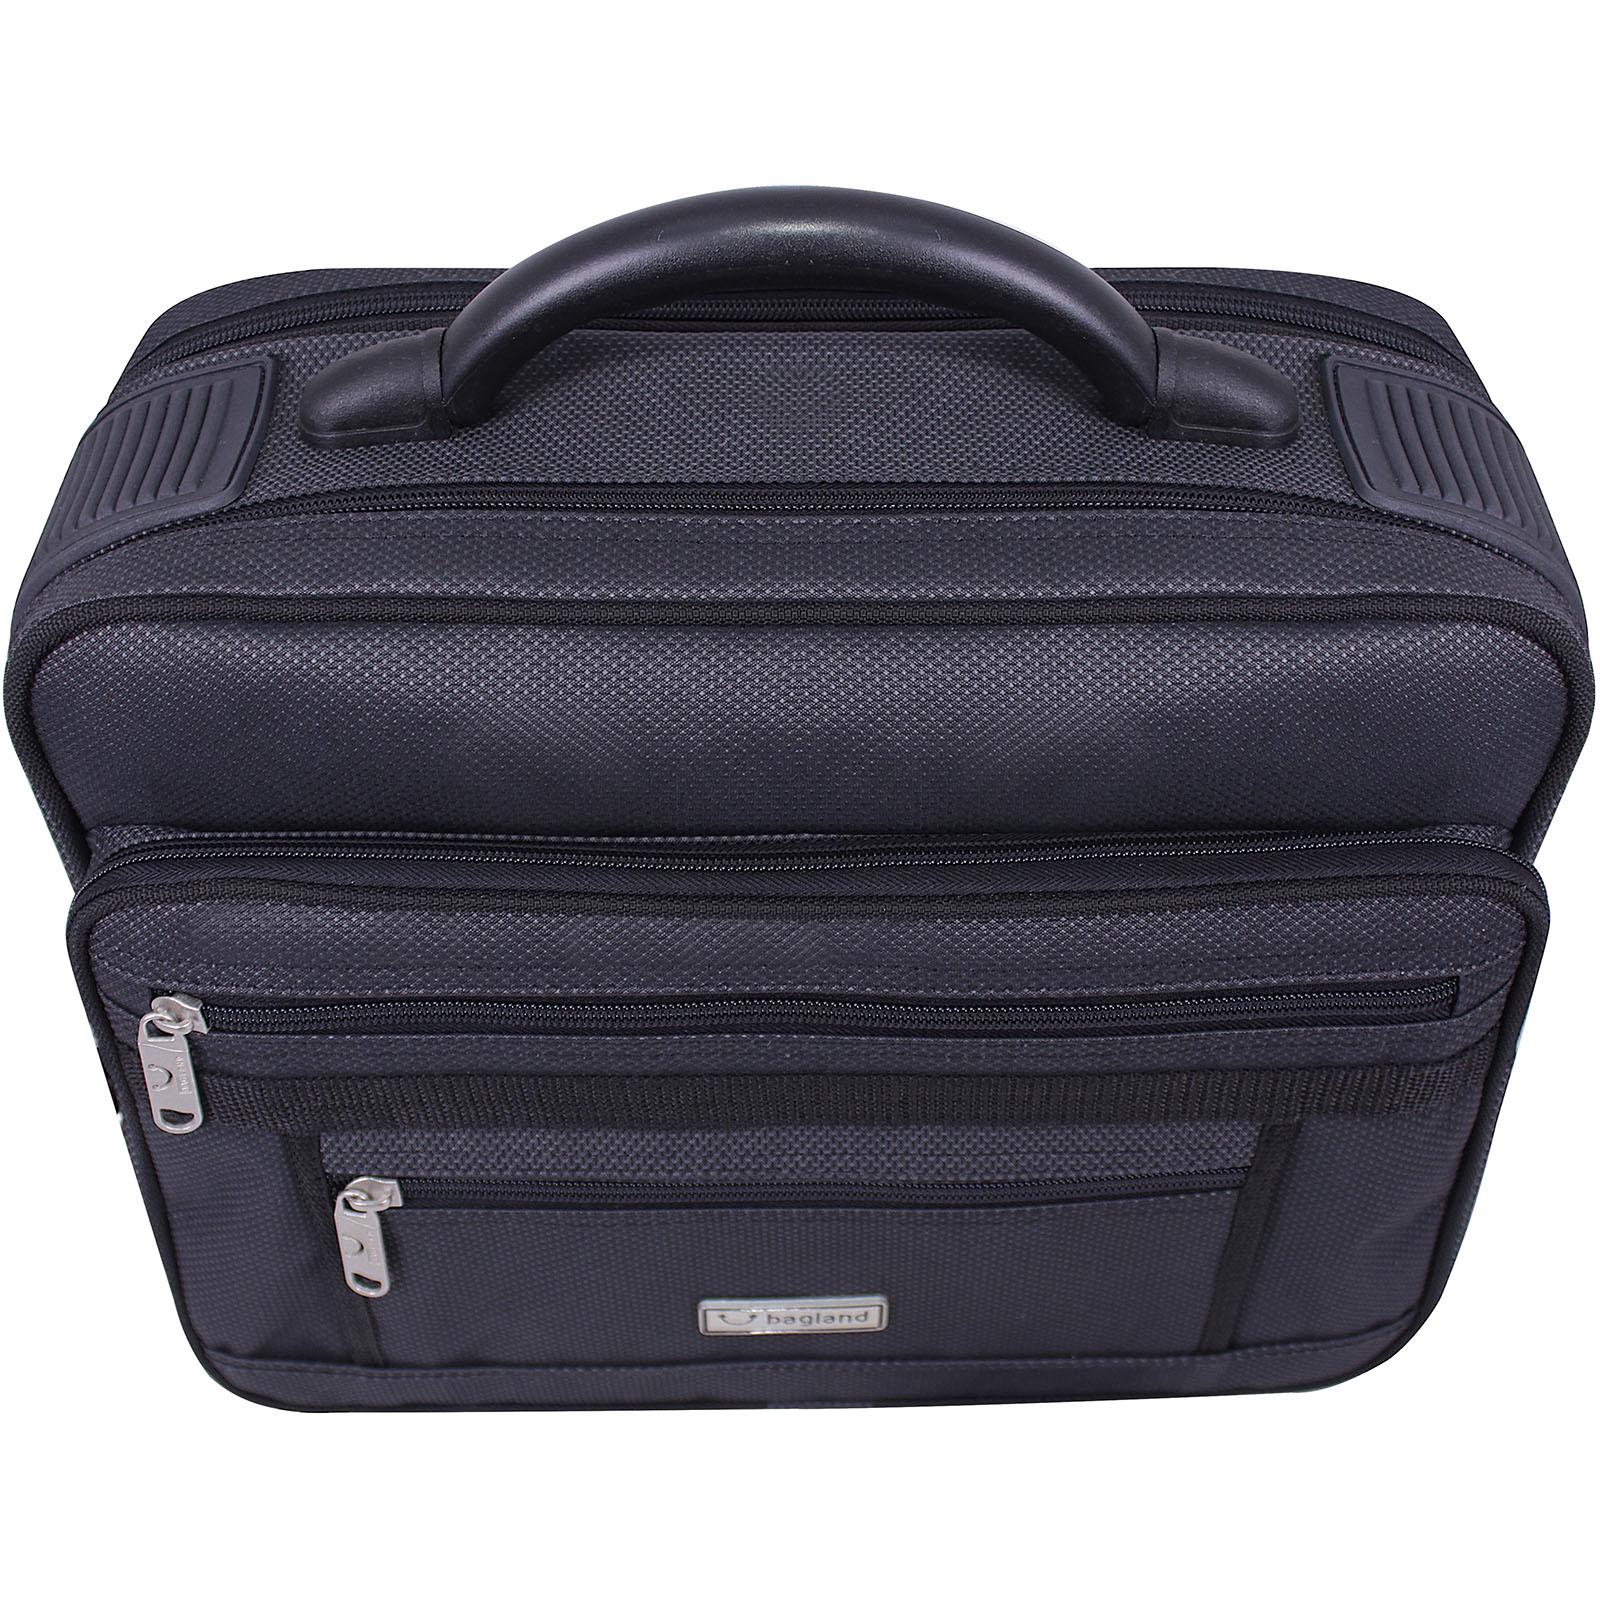 Мужская сумка Bagland Mr.Cool 15 л. Чёрный (00251169) фото 5